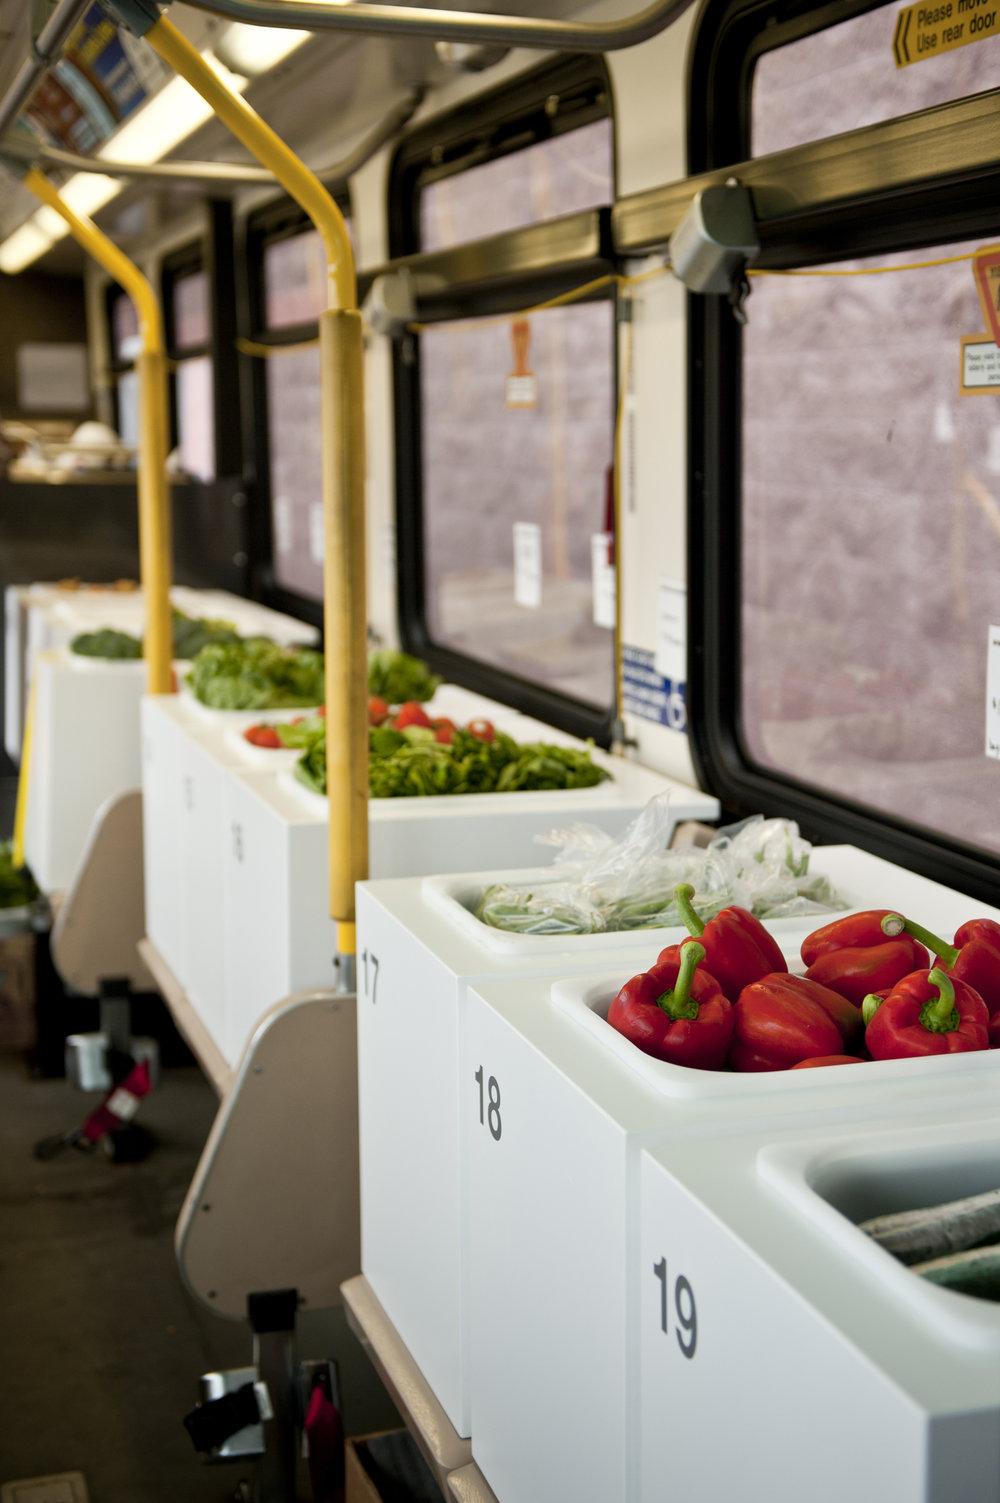 mobile_market_produce_1.jpg